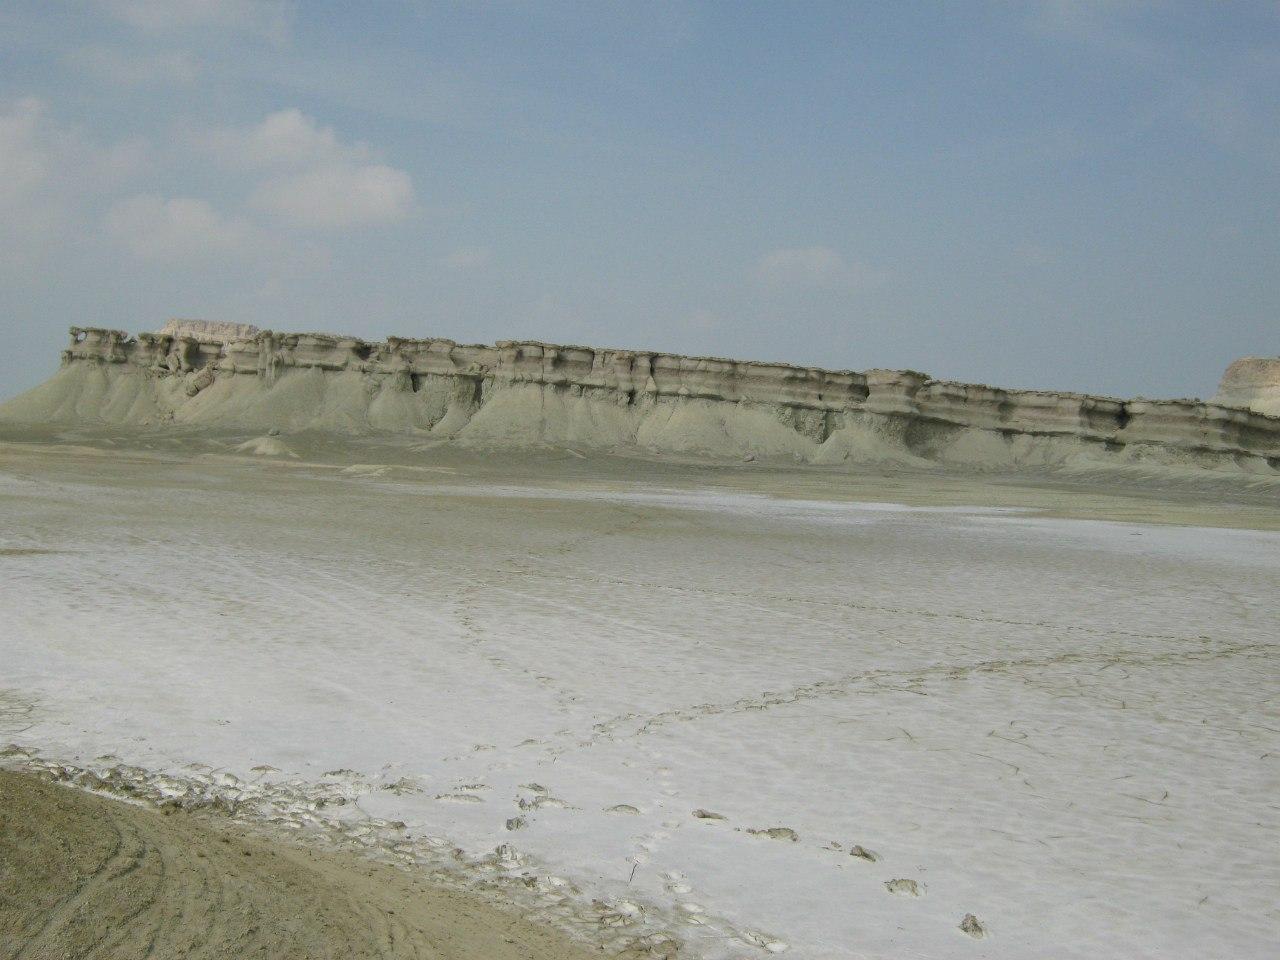 долина Тандис Ха соль